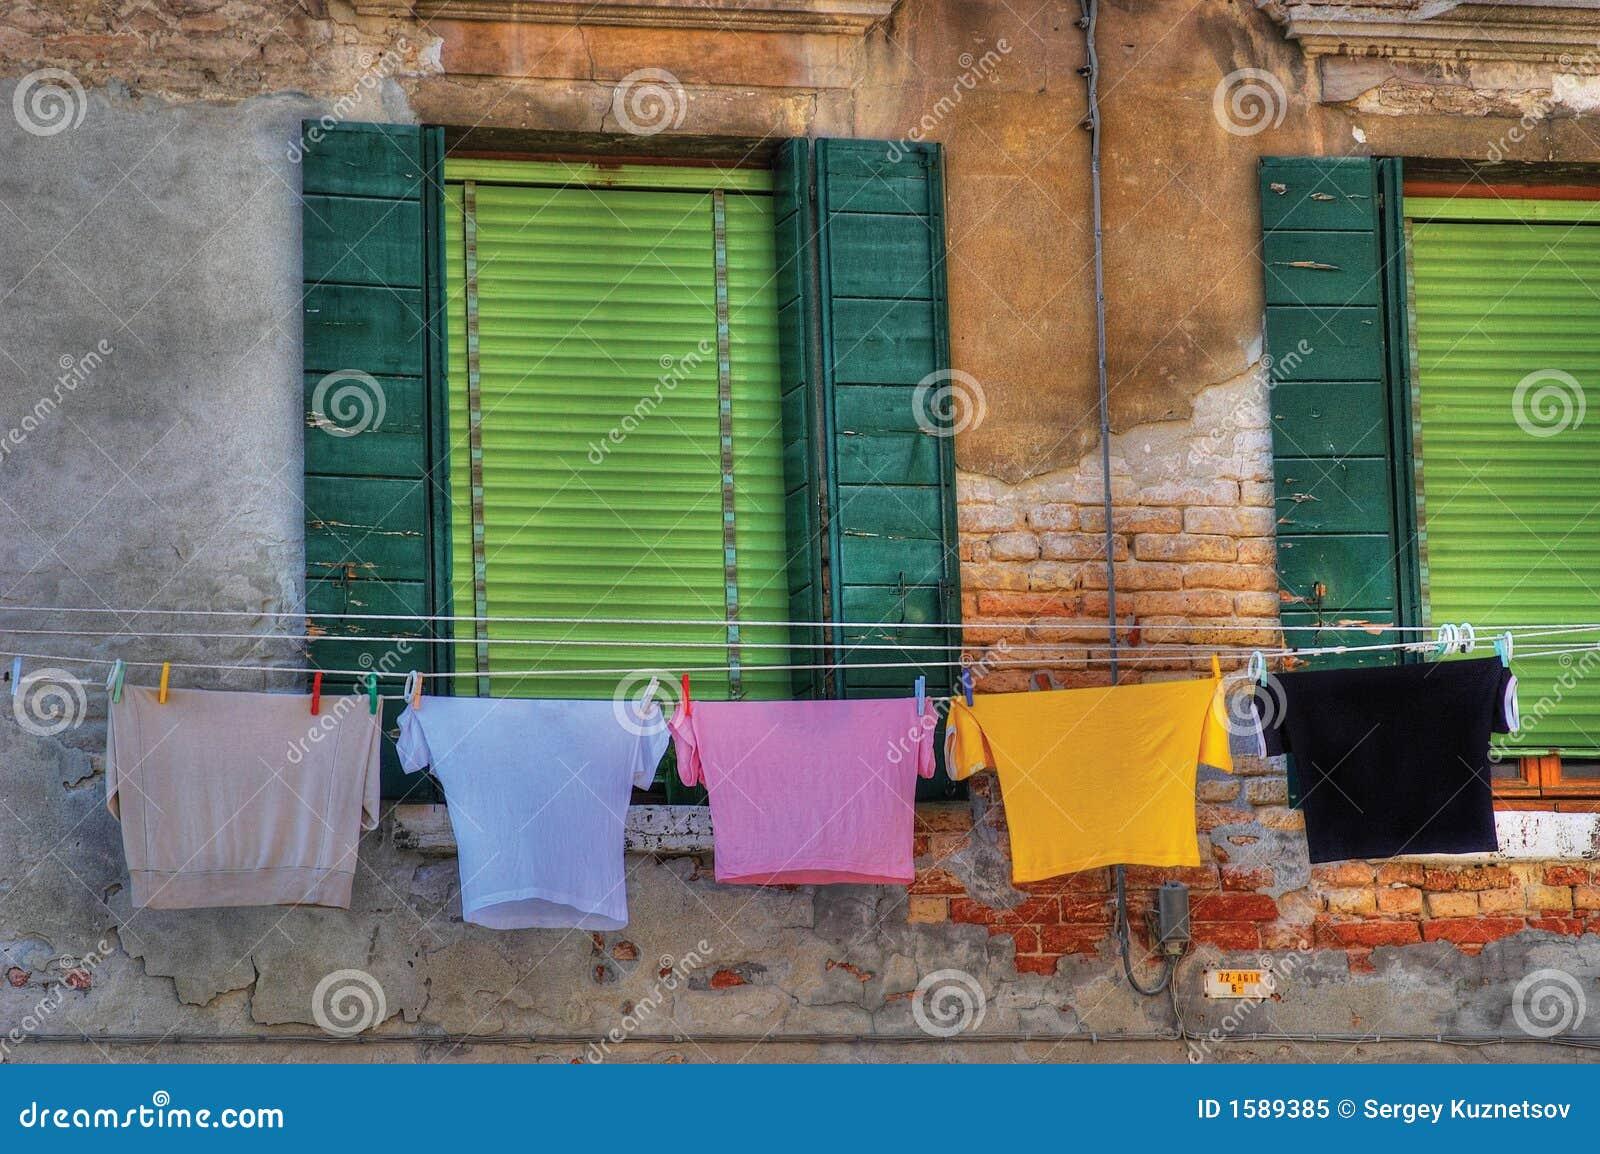 Lavanderia di secchezza nello stile di Venezia.